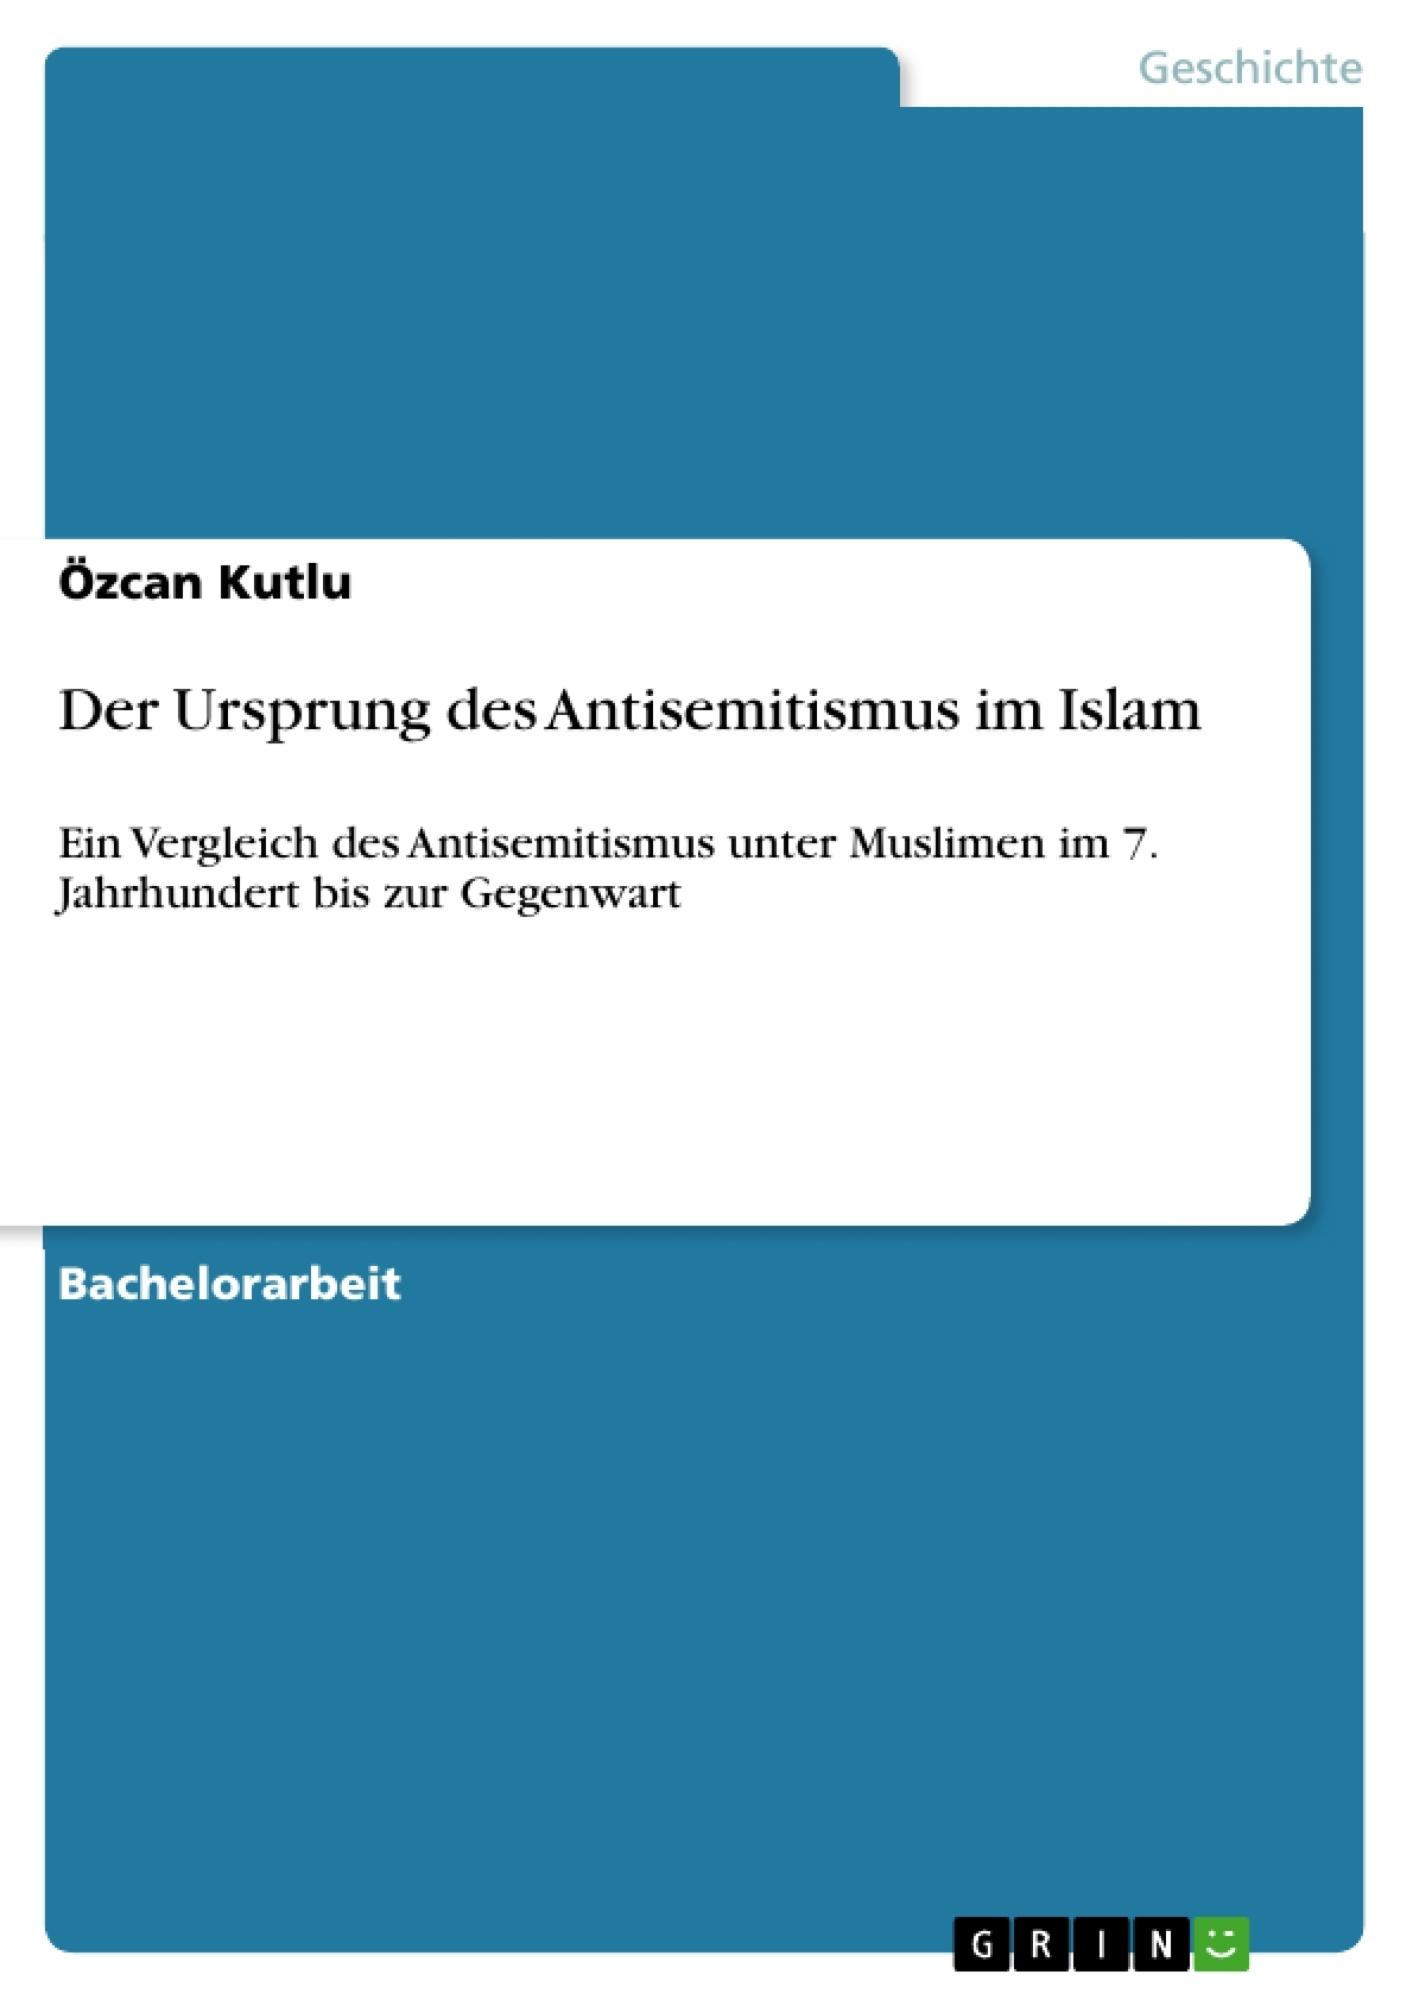 Titel: Der Ursprung des Antisemitismus im Islam